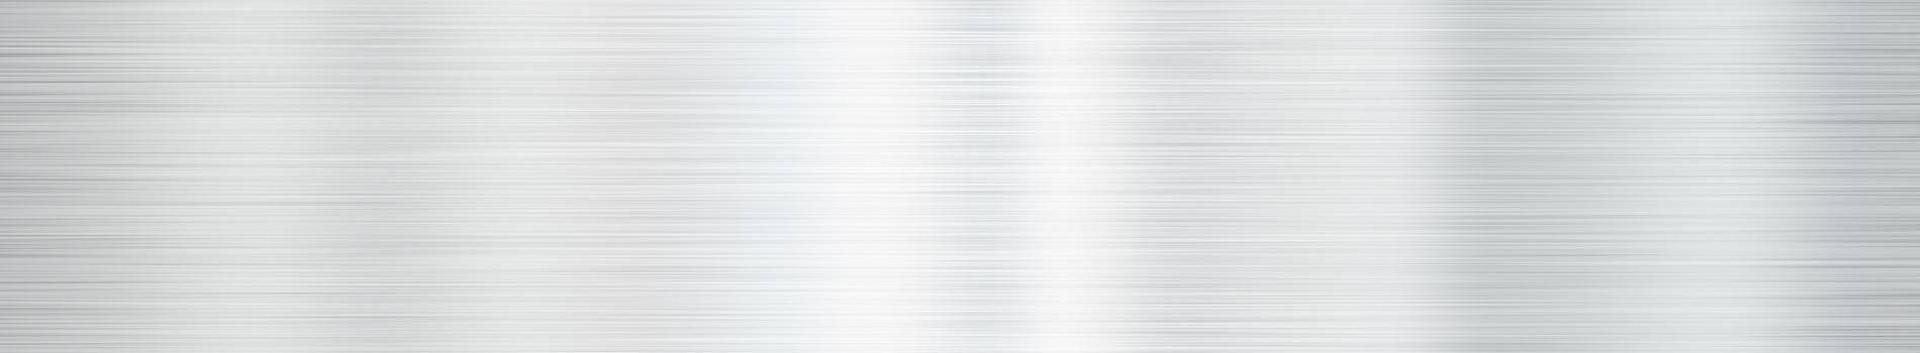 46721_metallide-hulgimuuk_17592195_xl.jpg